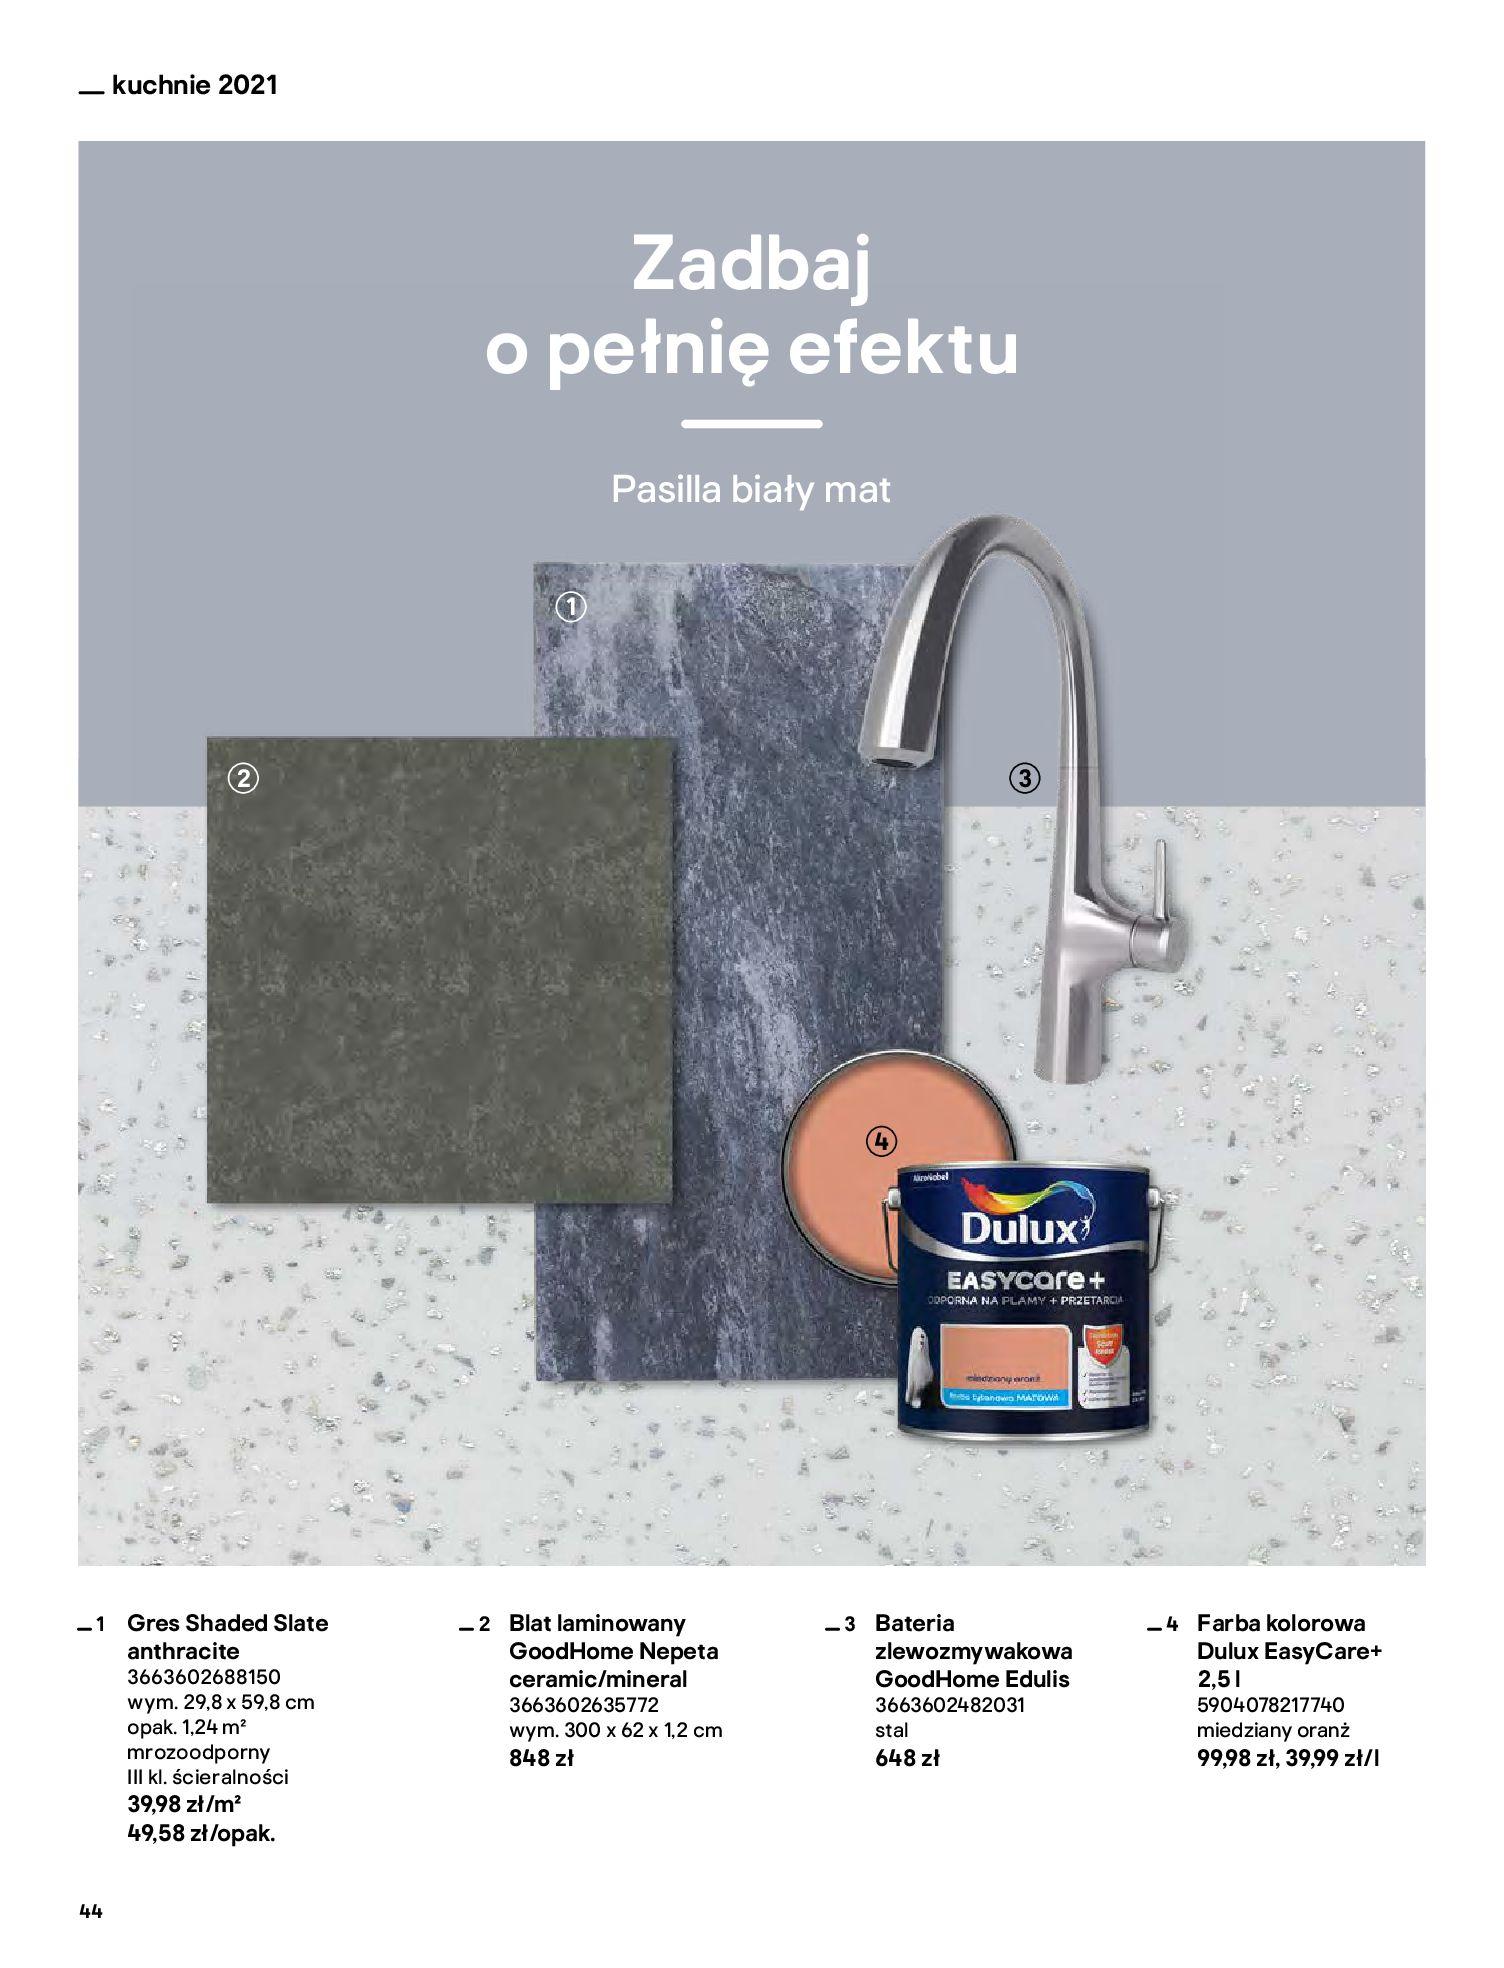 Gazetka Castorama: Katalog kuchnie 2021 2021-05-04 page-44